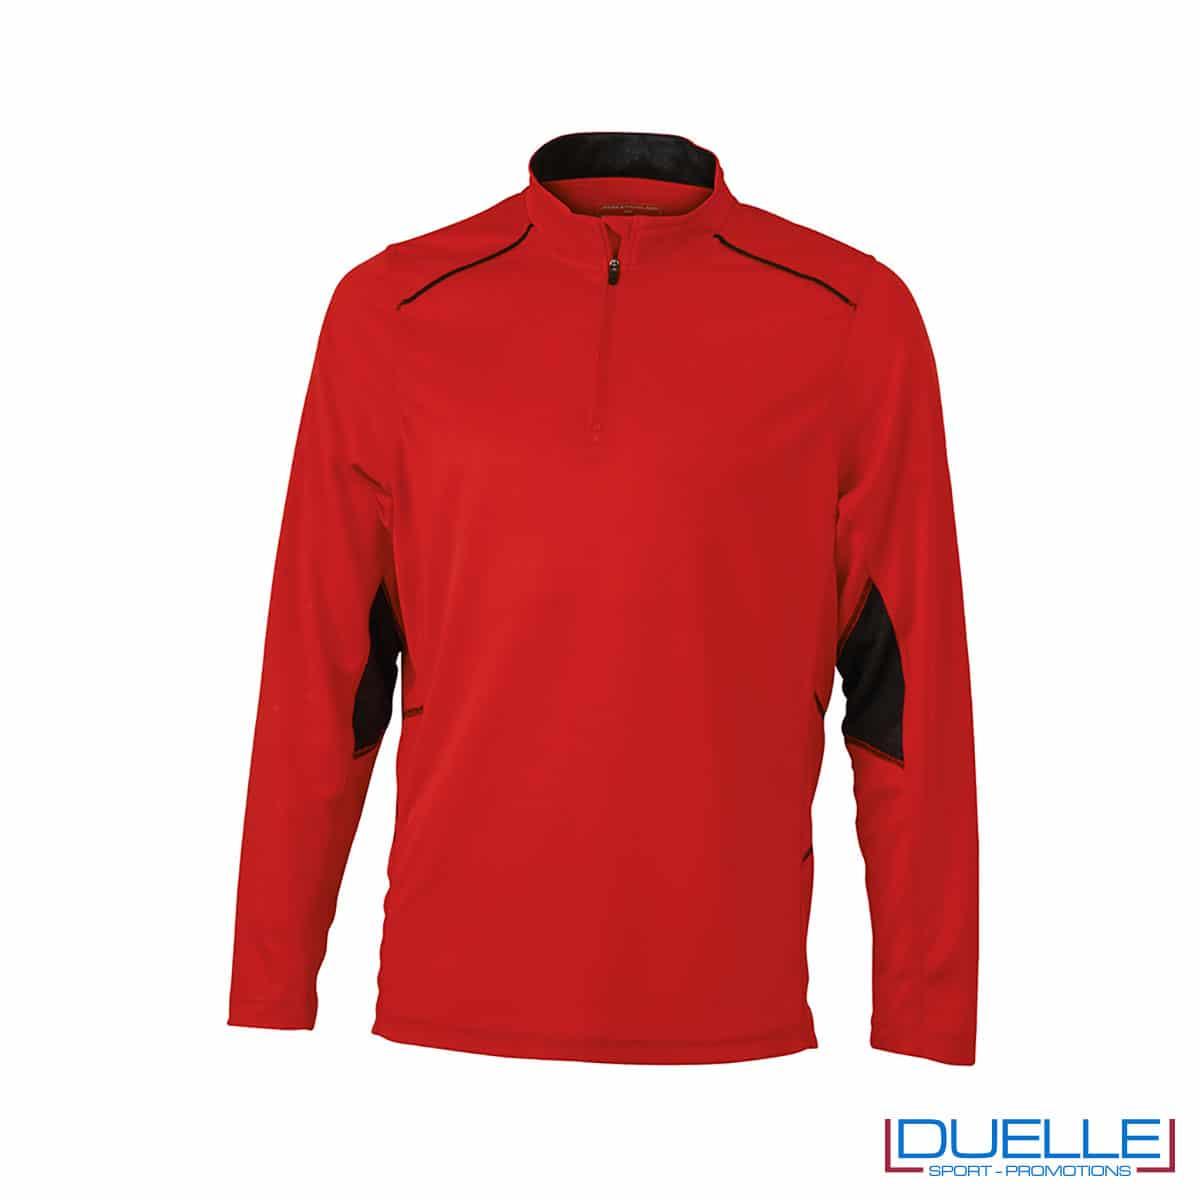 Maglia running con zip uomo colore rossa personalizzata